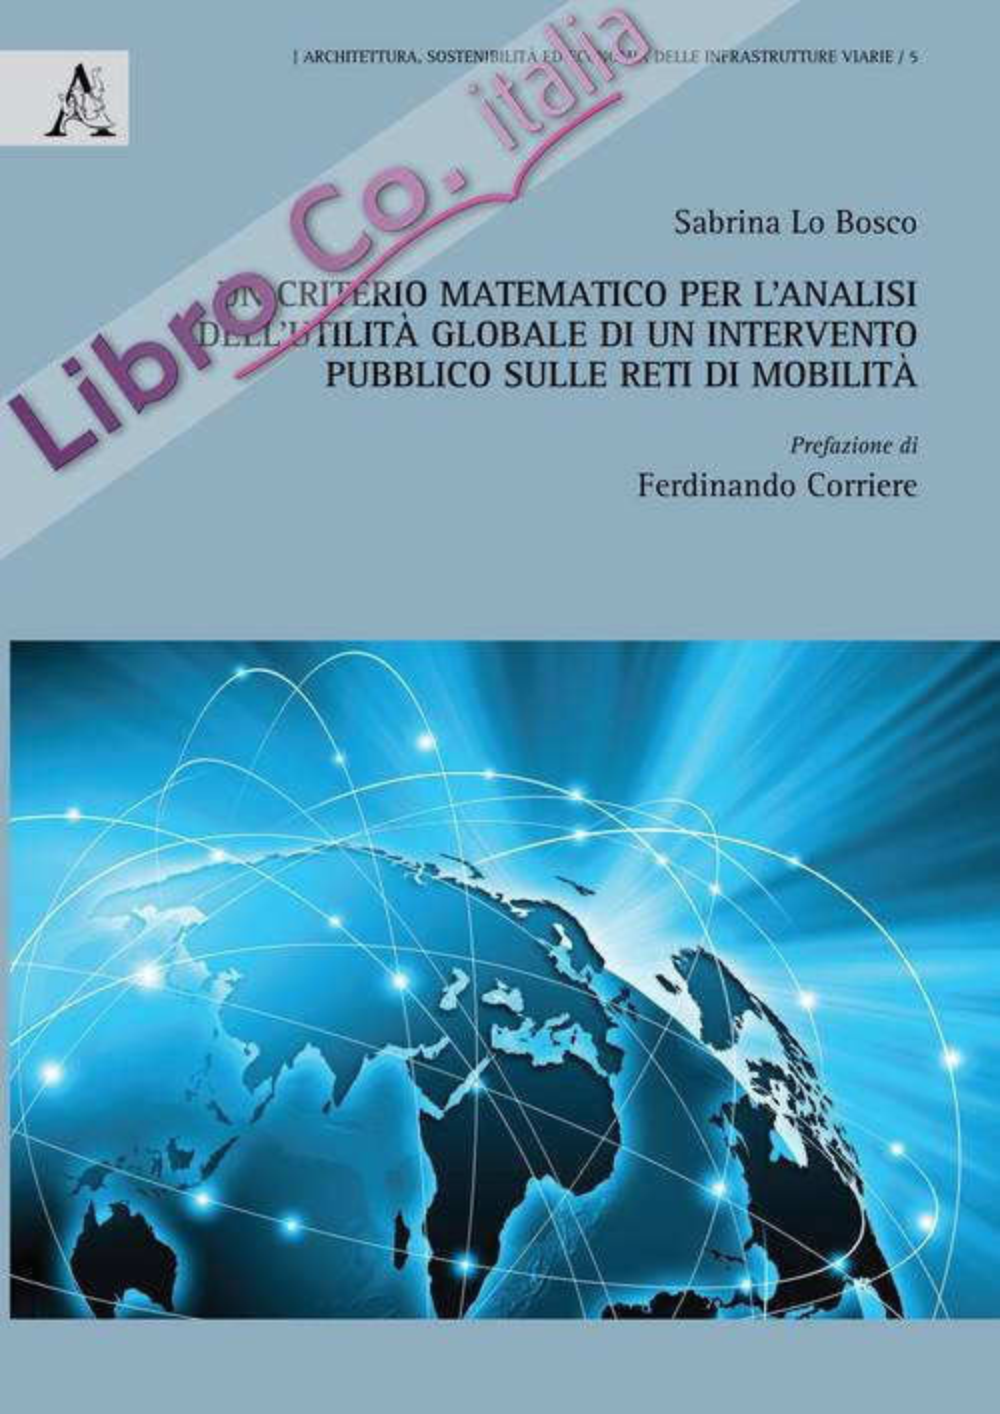 Un criterio matematico per l'analisi dell'utilità globale di un intervento pubblico sulle reti di mobilità